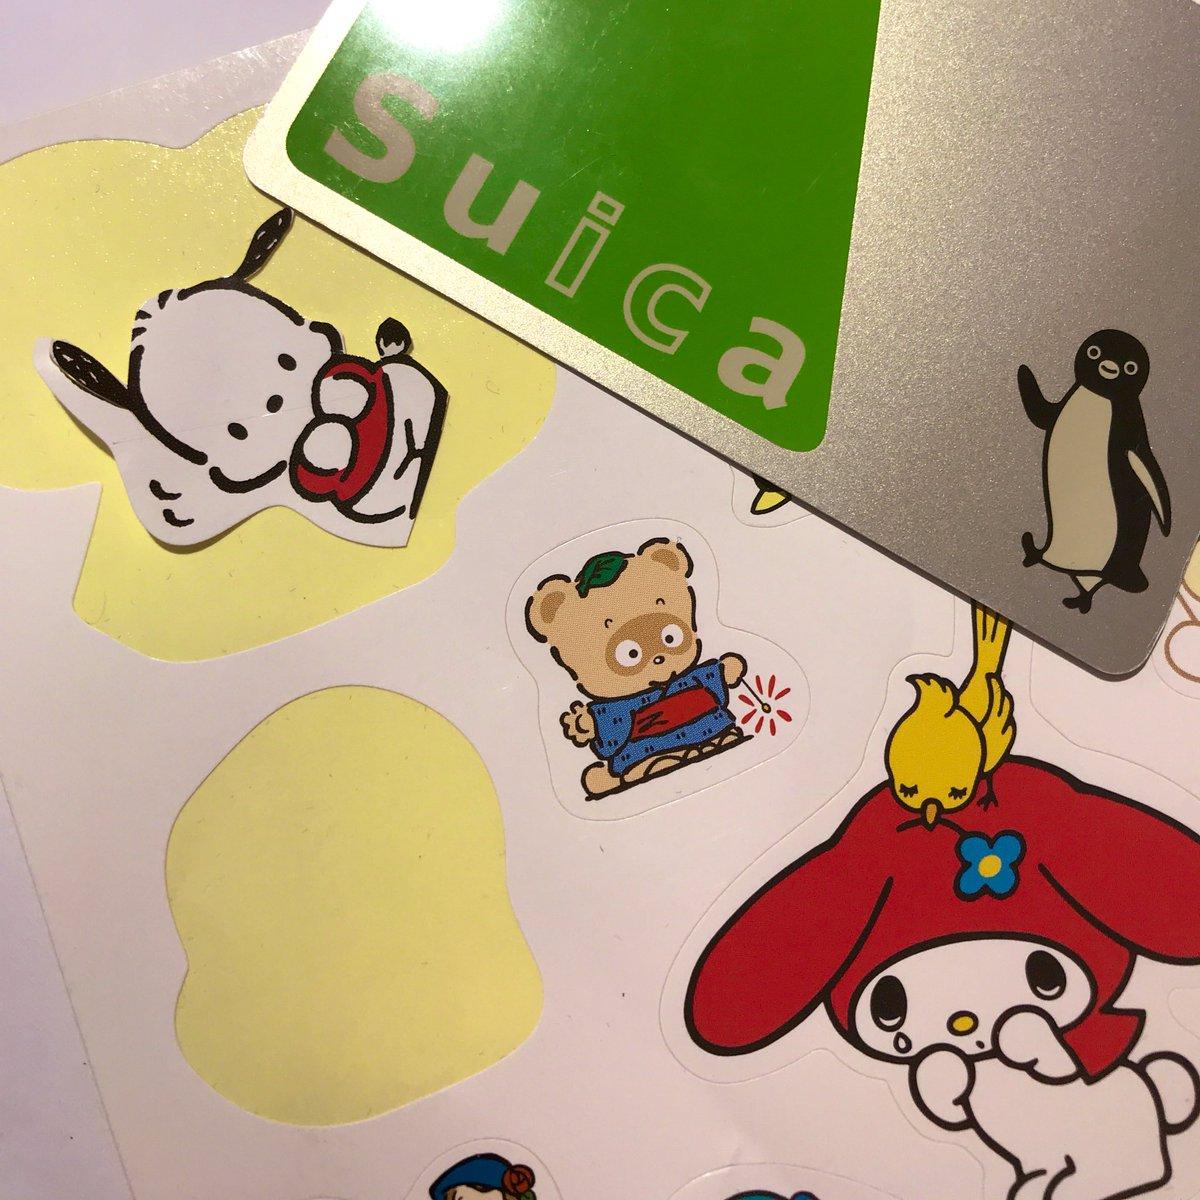 理想:このポチャッコのシールをSuicaにじょうずに切って貼ったらぴょっこりしてかわいいのでは…!?💕❤️❤️現実:Suicaペンギン「オラァポチャッコ出てこいやオラァ!!!」